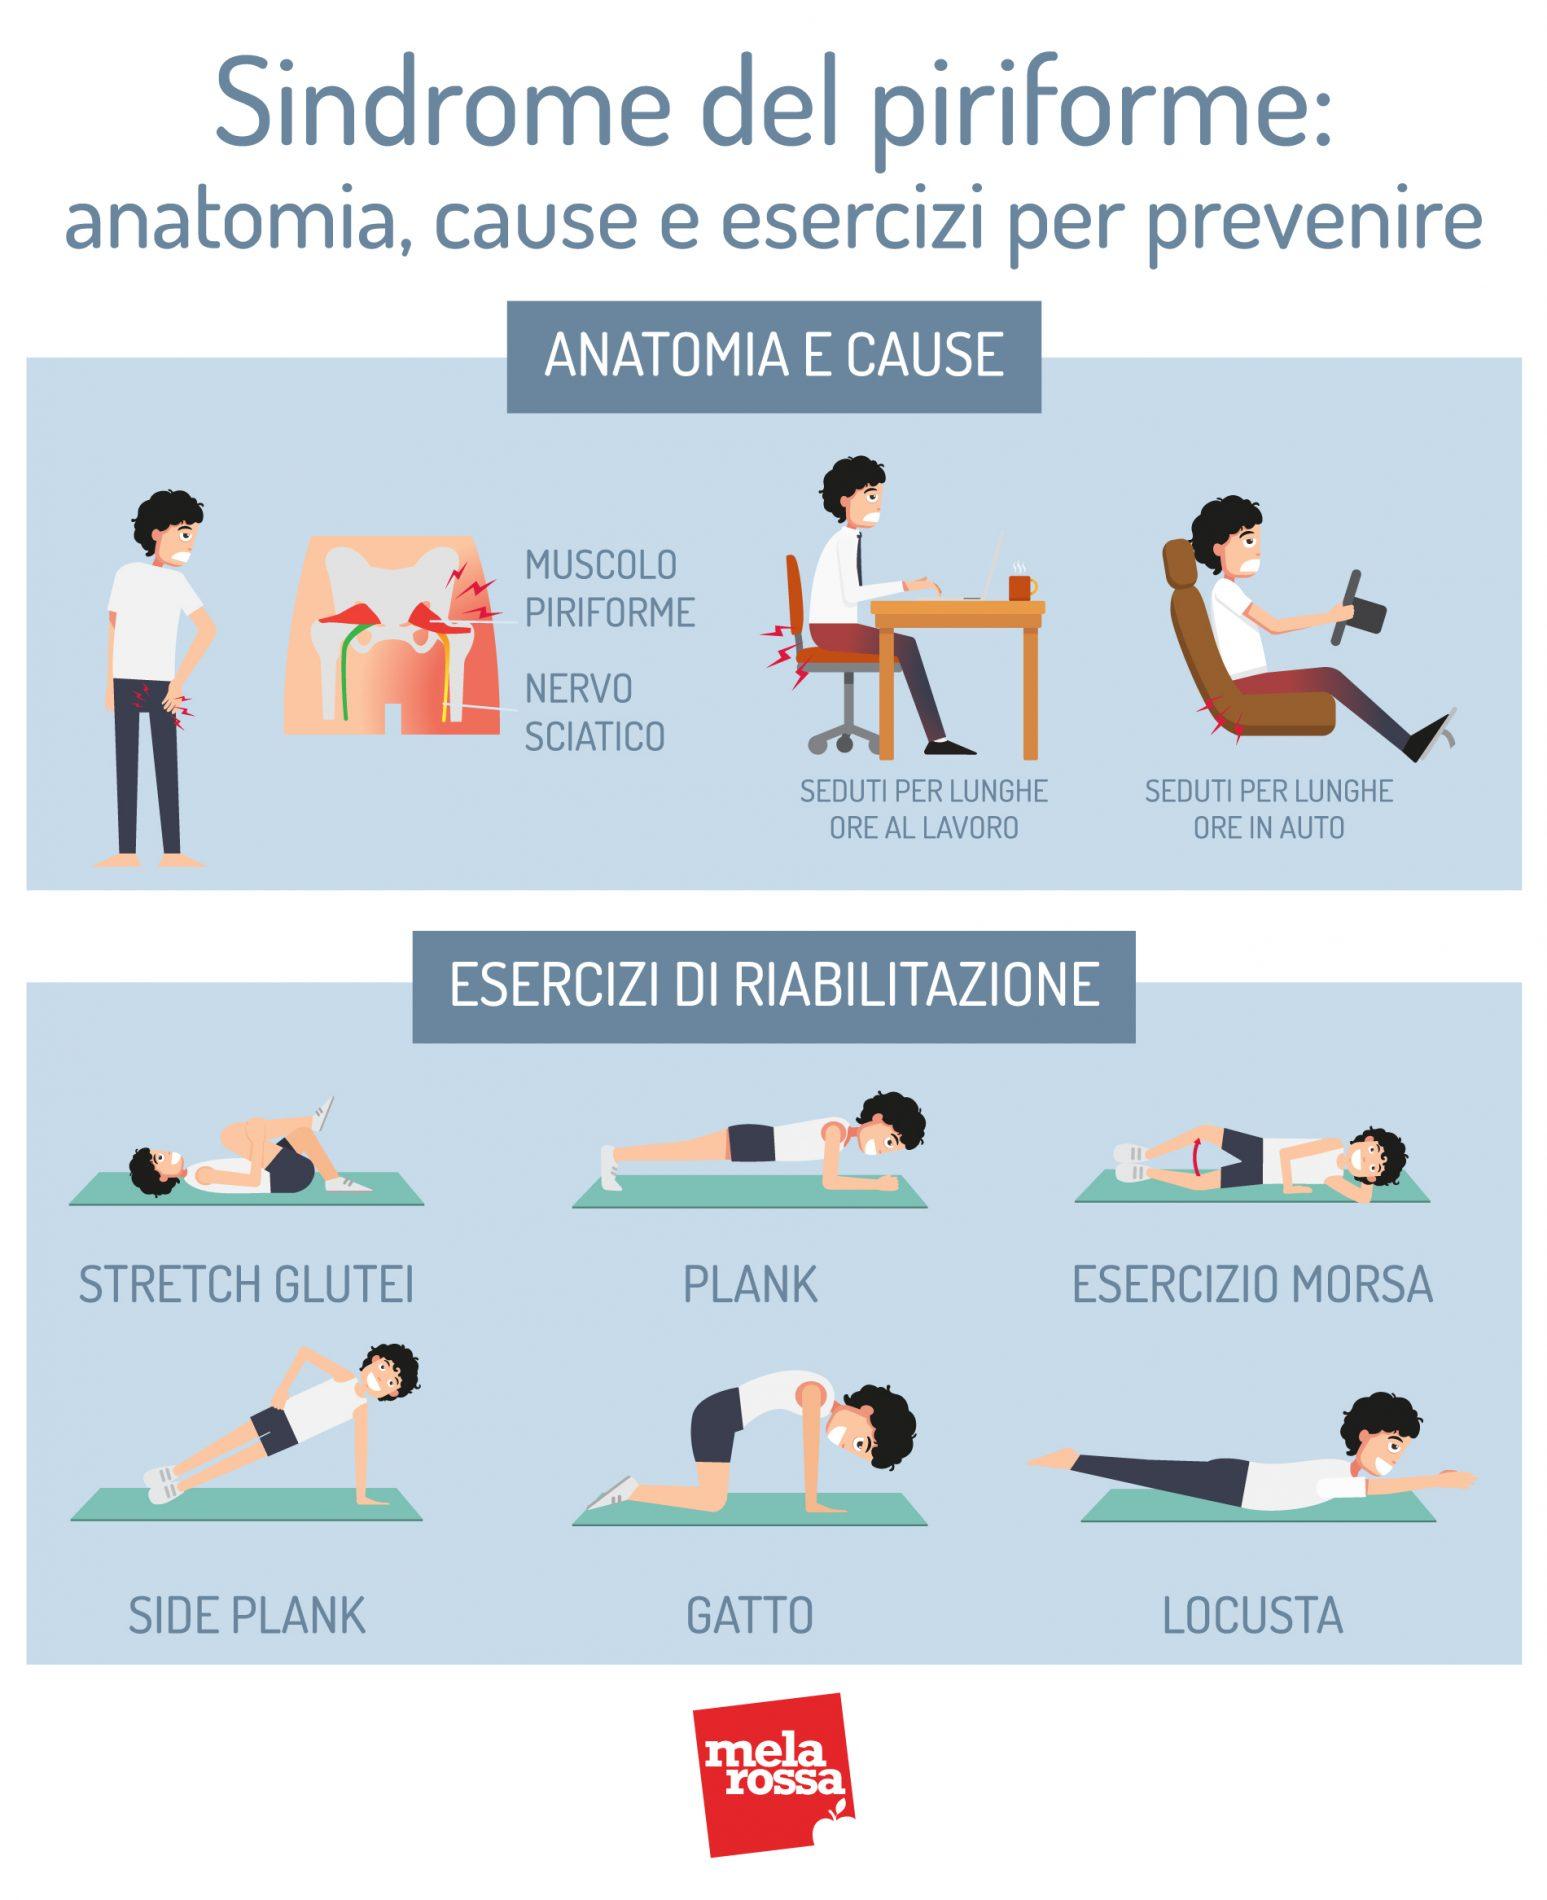 sindrome del piriforme: anatomia, cause e esercizi